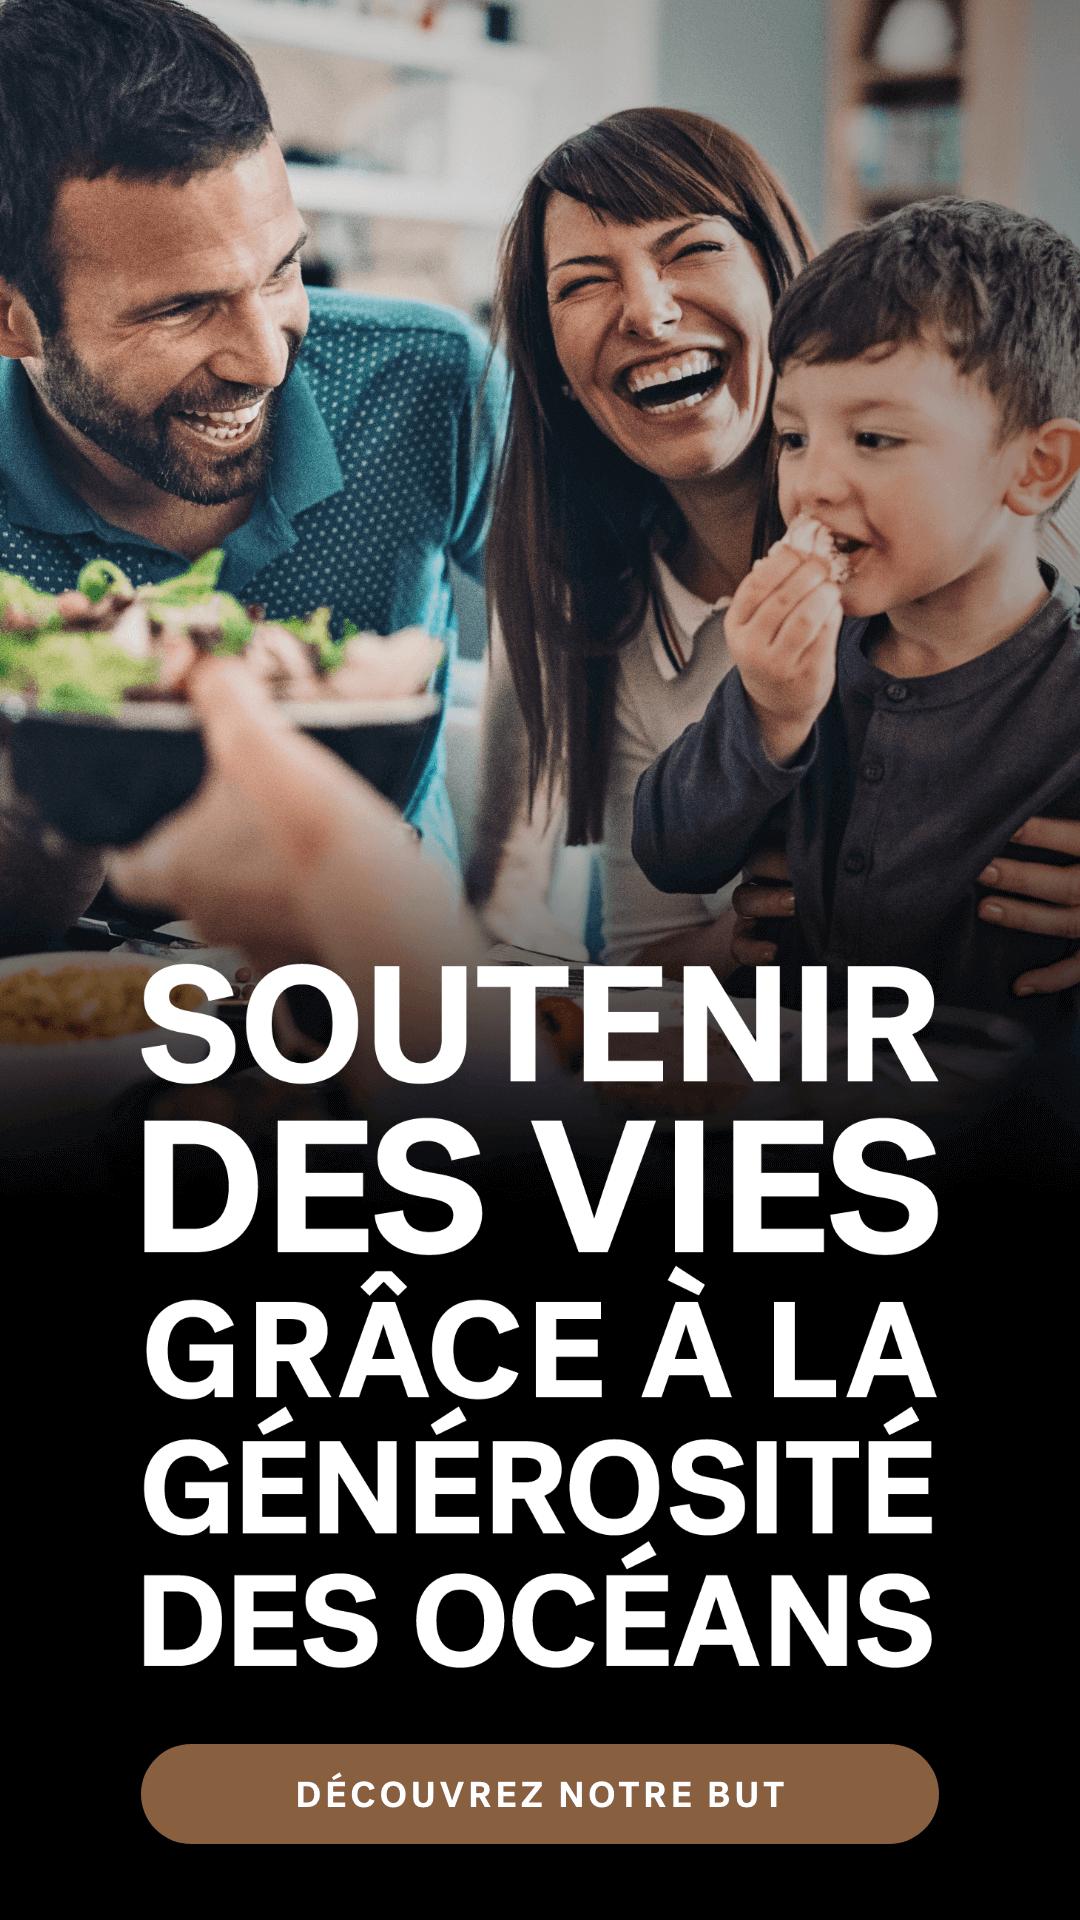 SOUTENIR DES VIES GRÂCE À LA GÉNÉROSITÉ DES OCÉANS